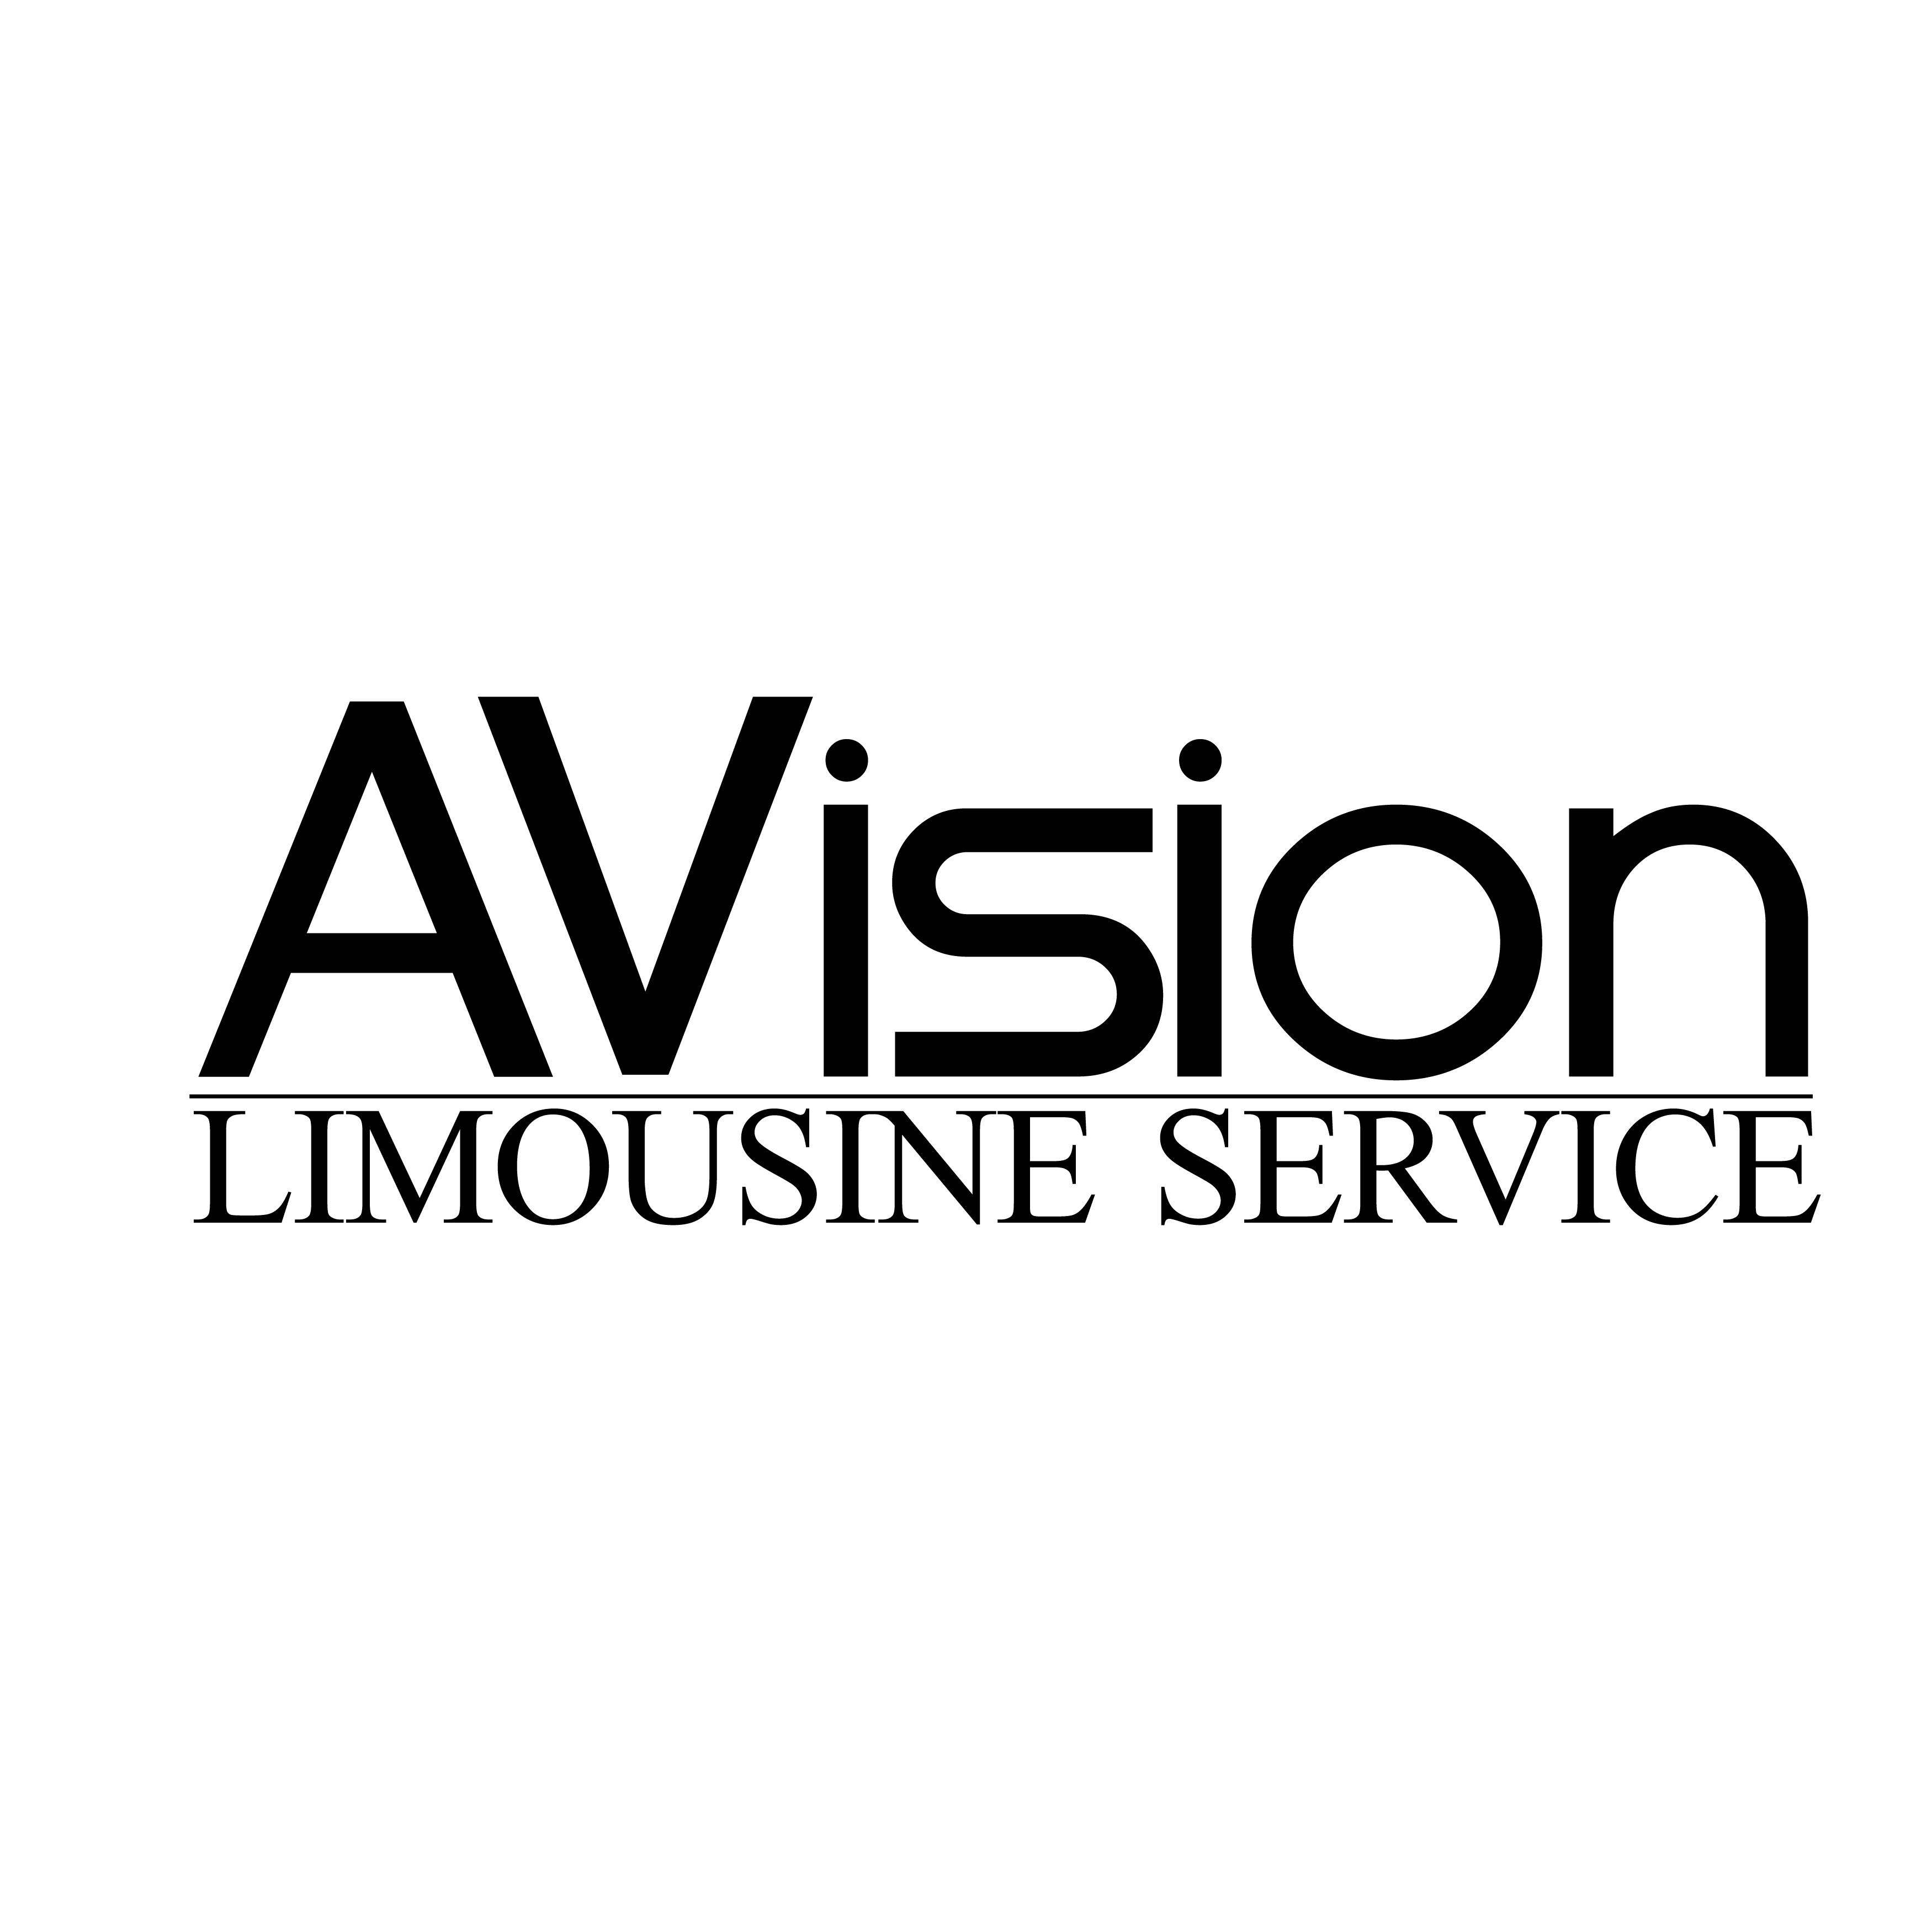 AVision Limousine Services